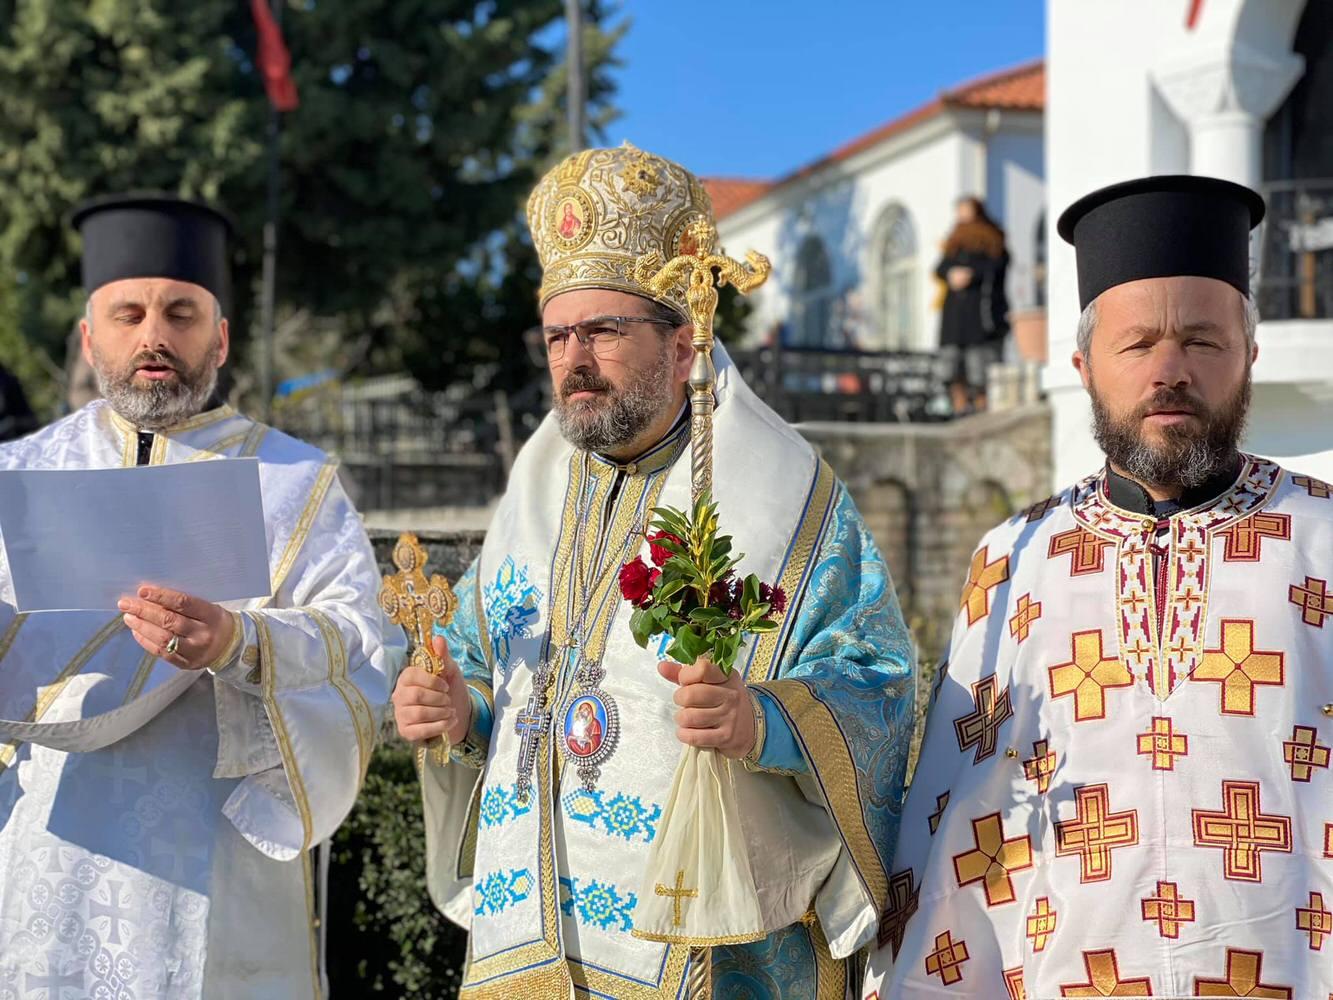 Μητροπολίτης Ελμπασάν Αλβανίας 2021